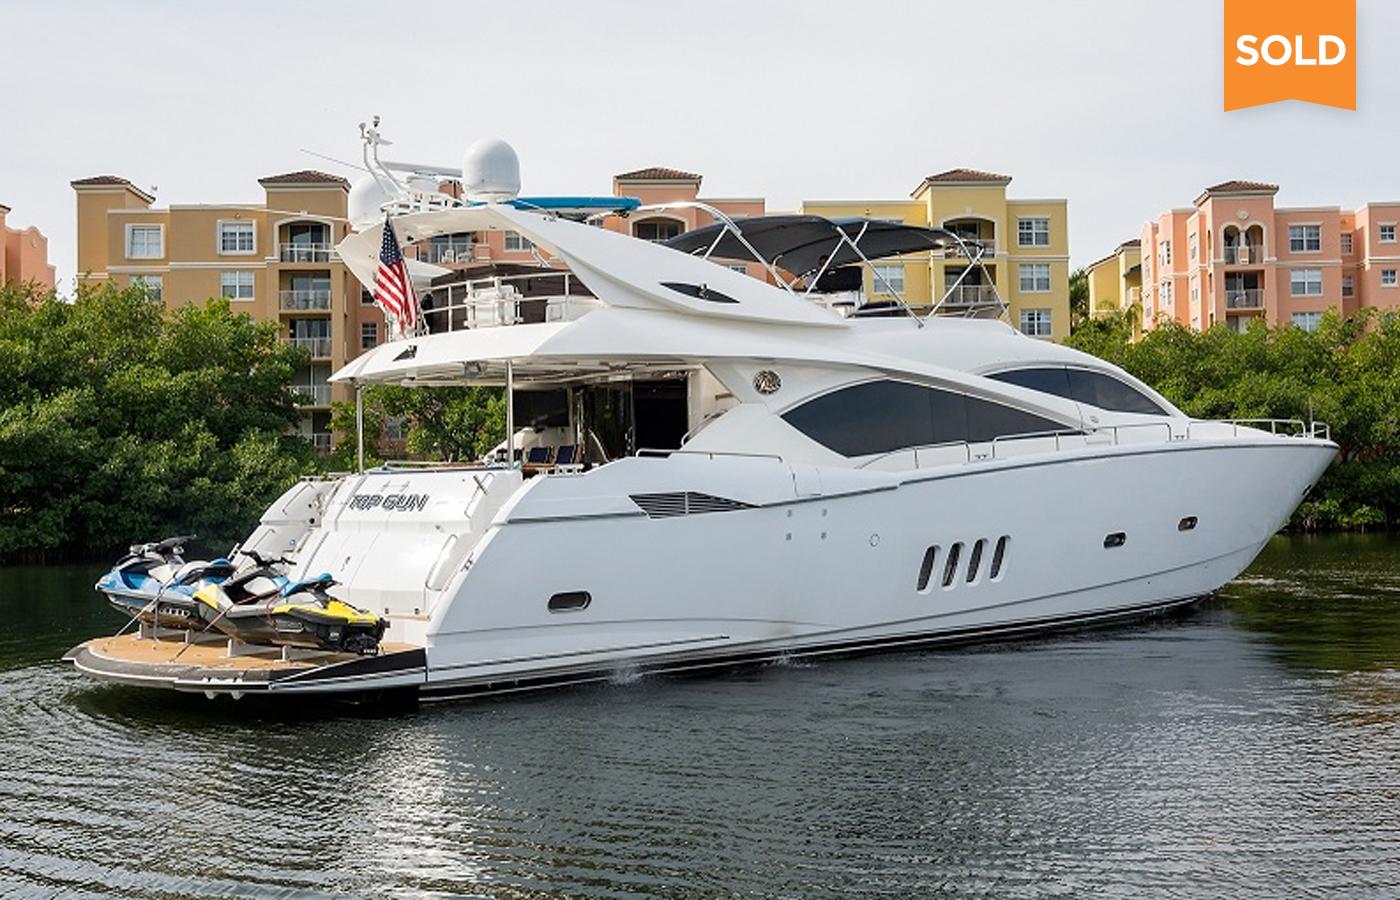 82 Sunseeker Motor Yacht Sold By Brandon Barnes